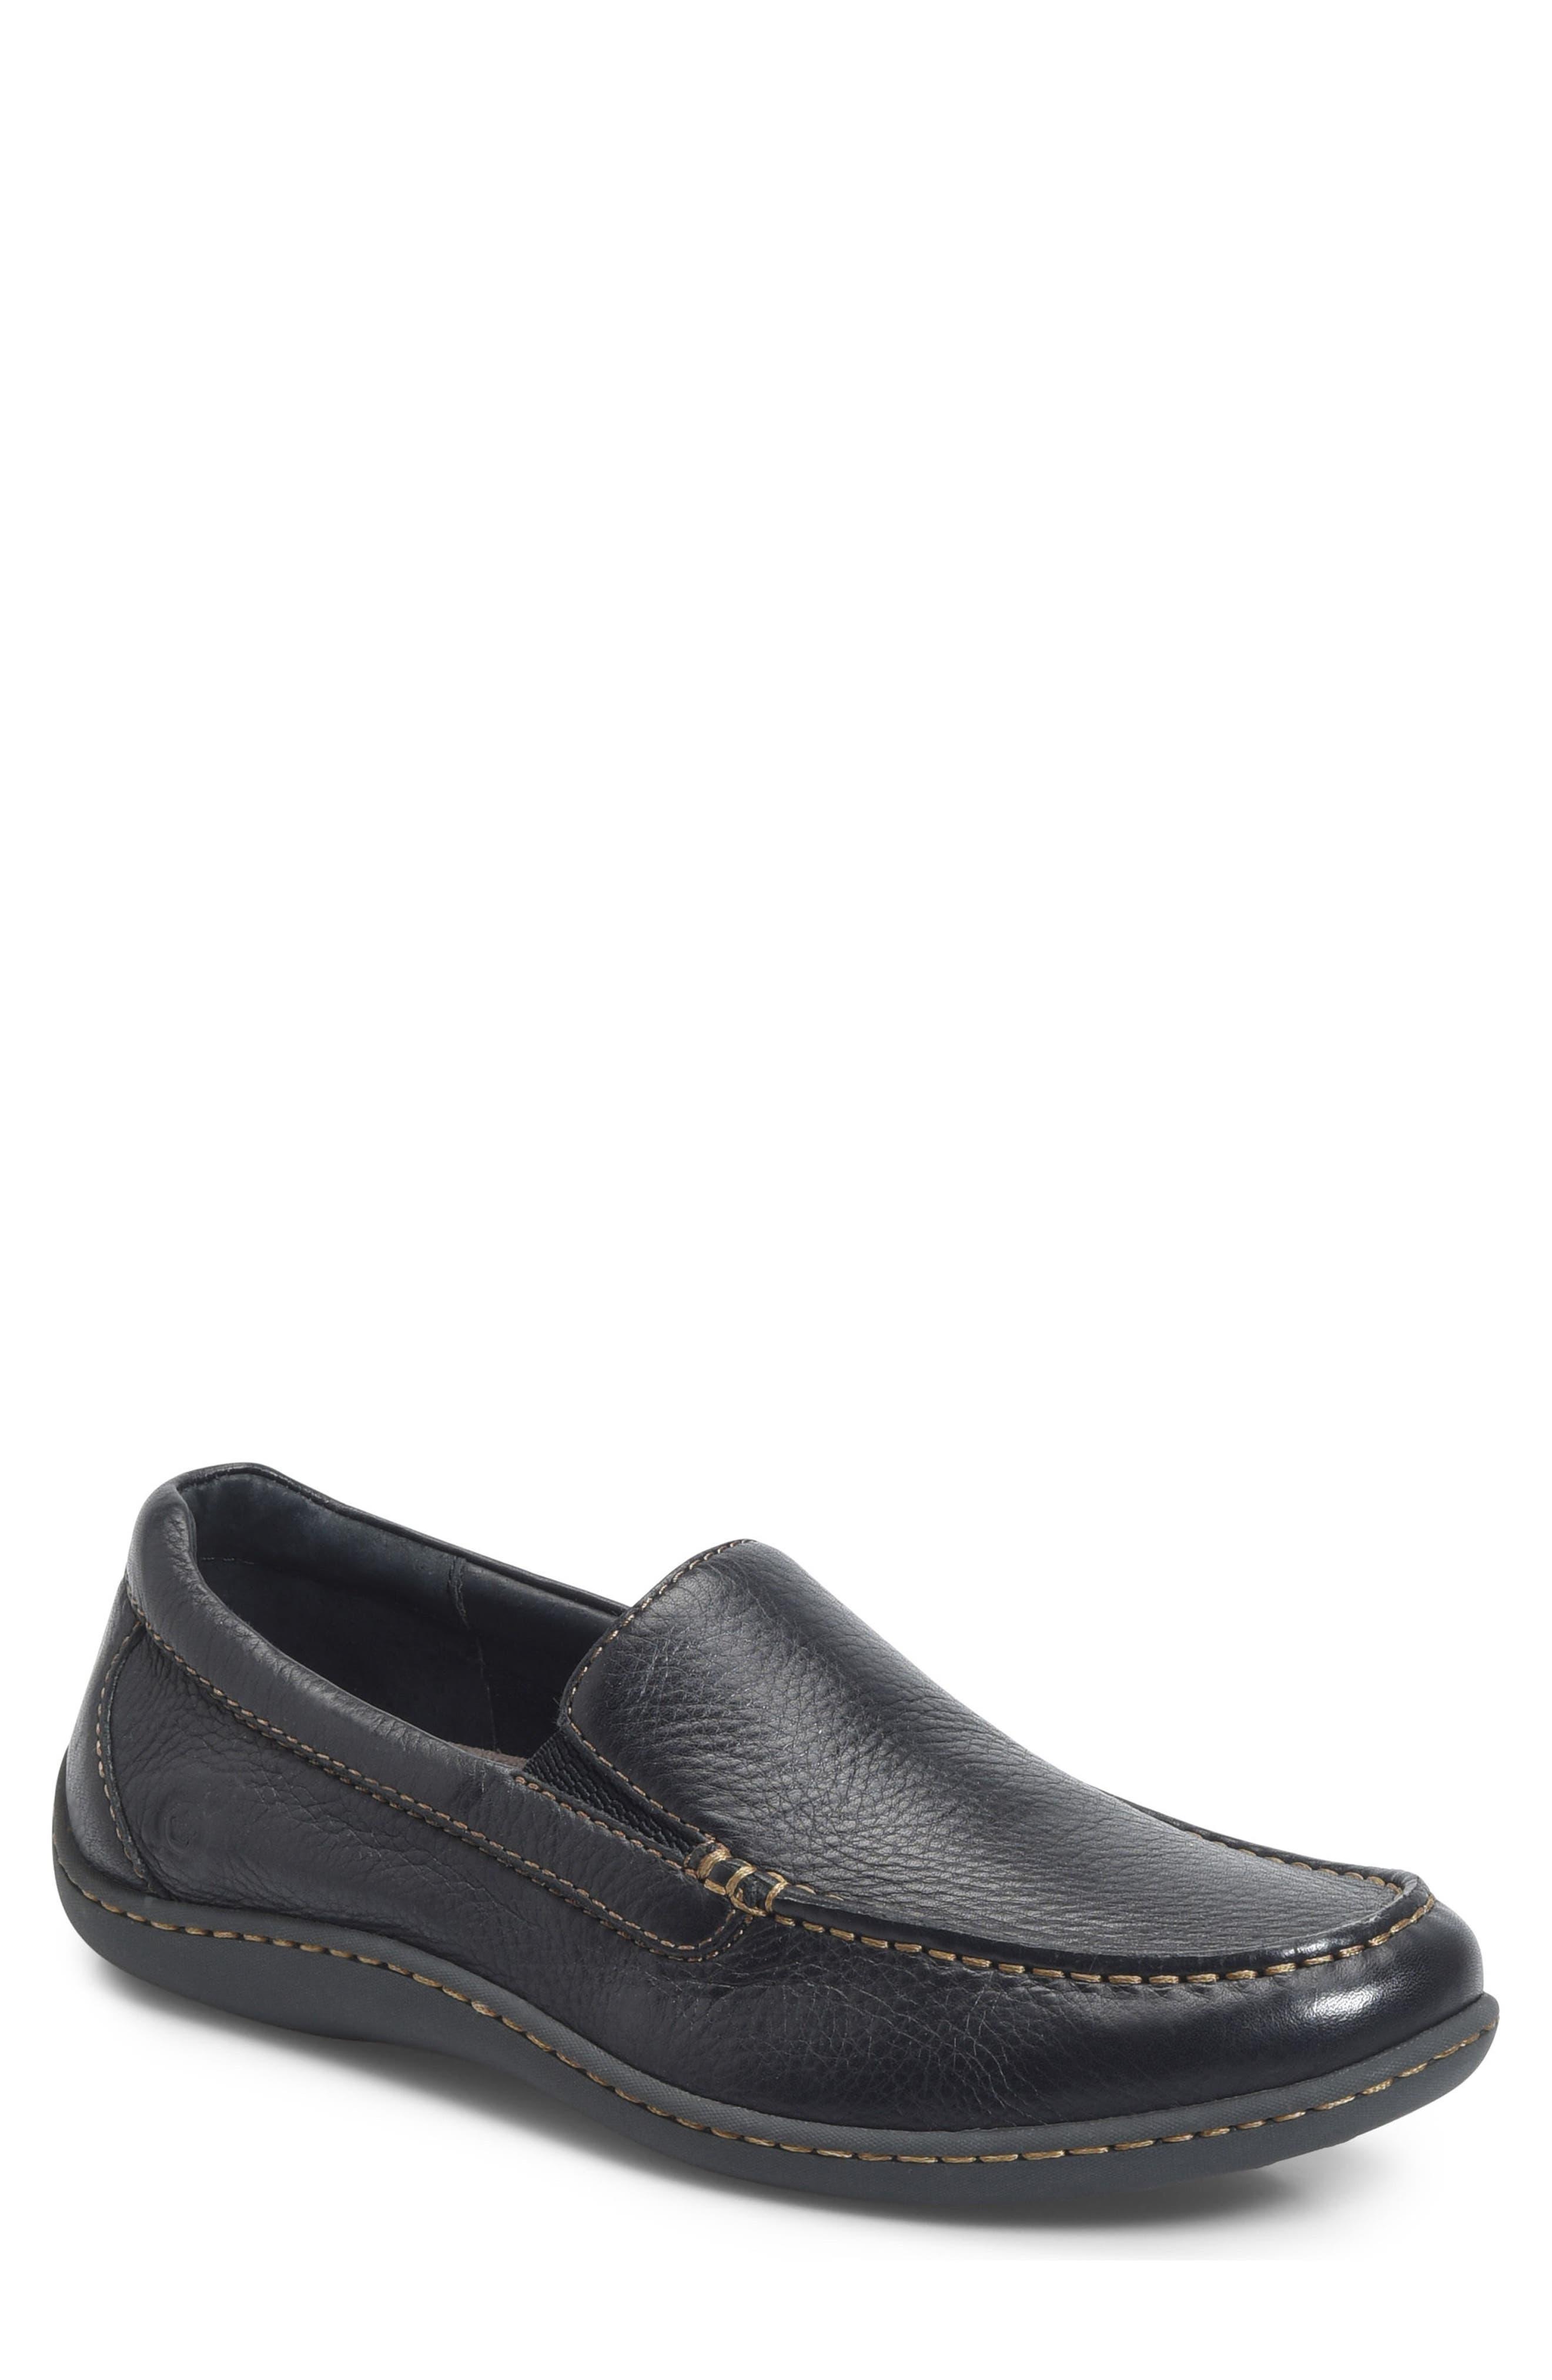 BØRN Brompton Loafer, Main, color, BLACK LEATHER